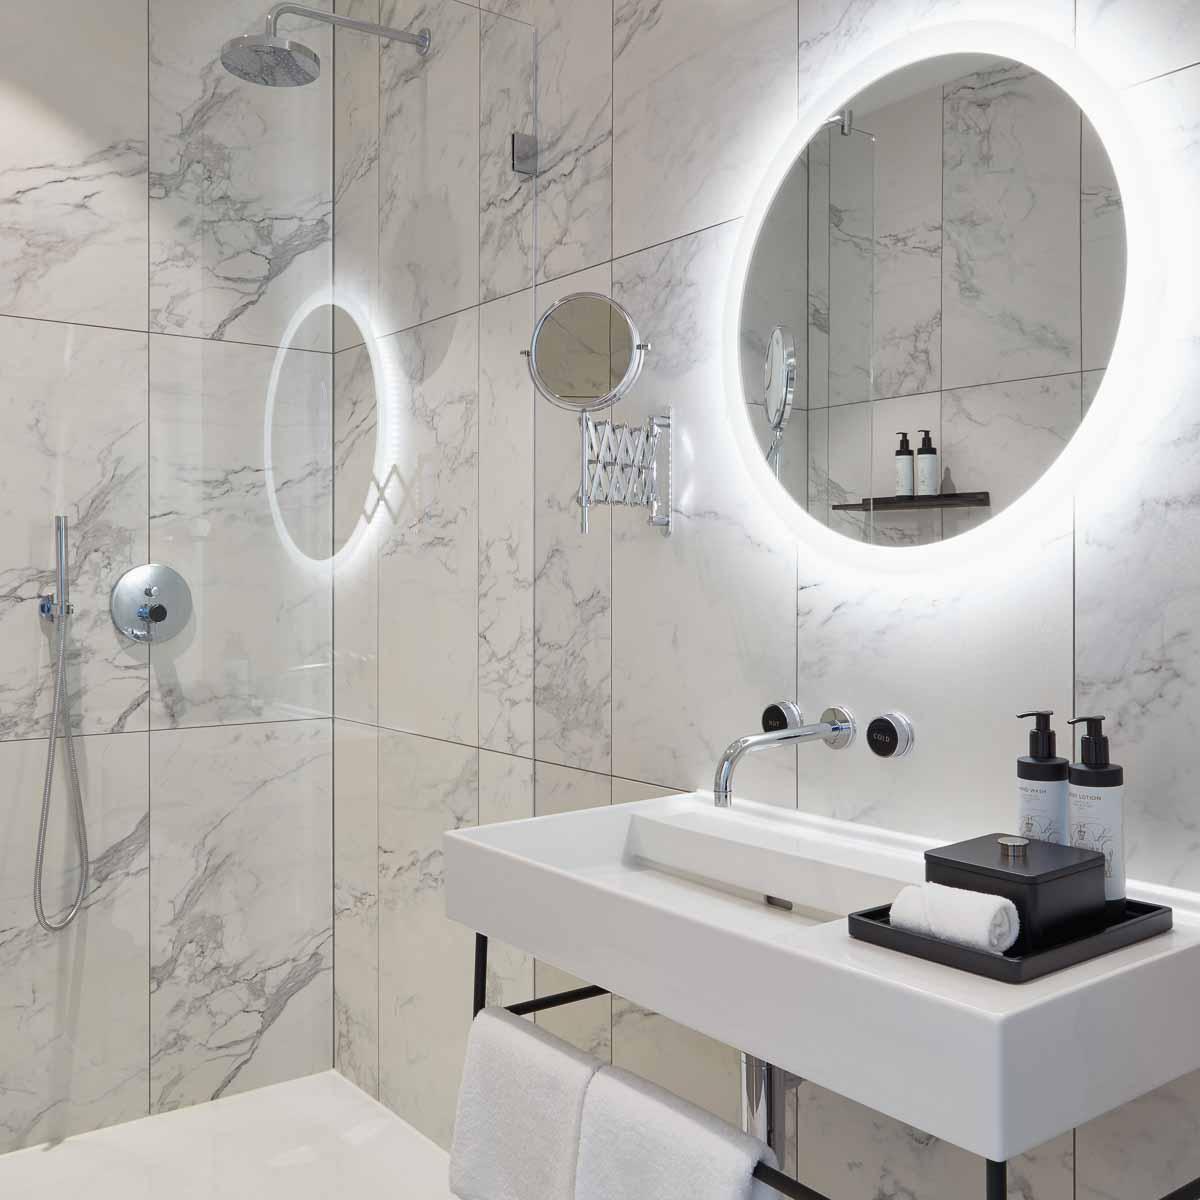 Tortue luxuriöses Designhotel im Zentrum von Hamburg